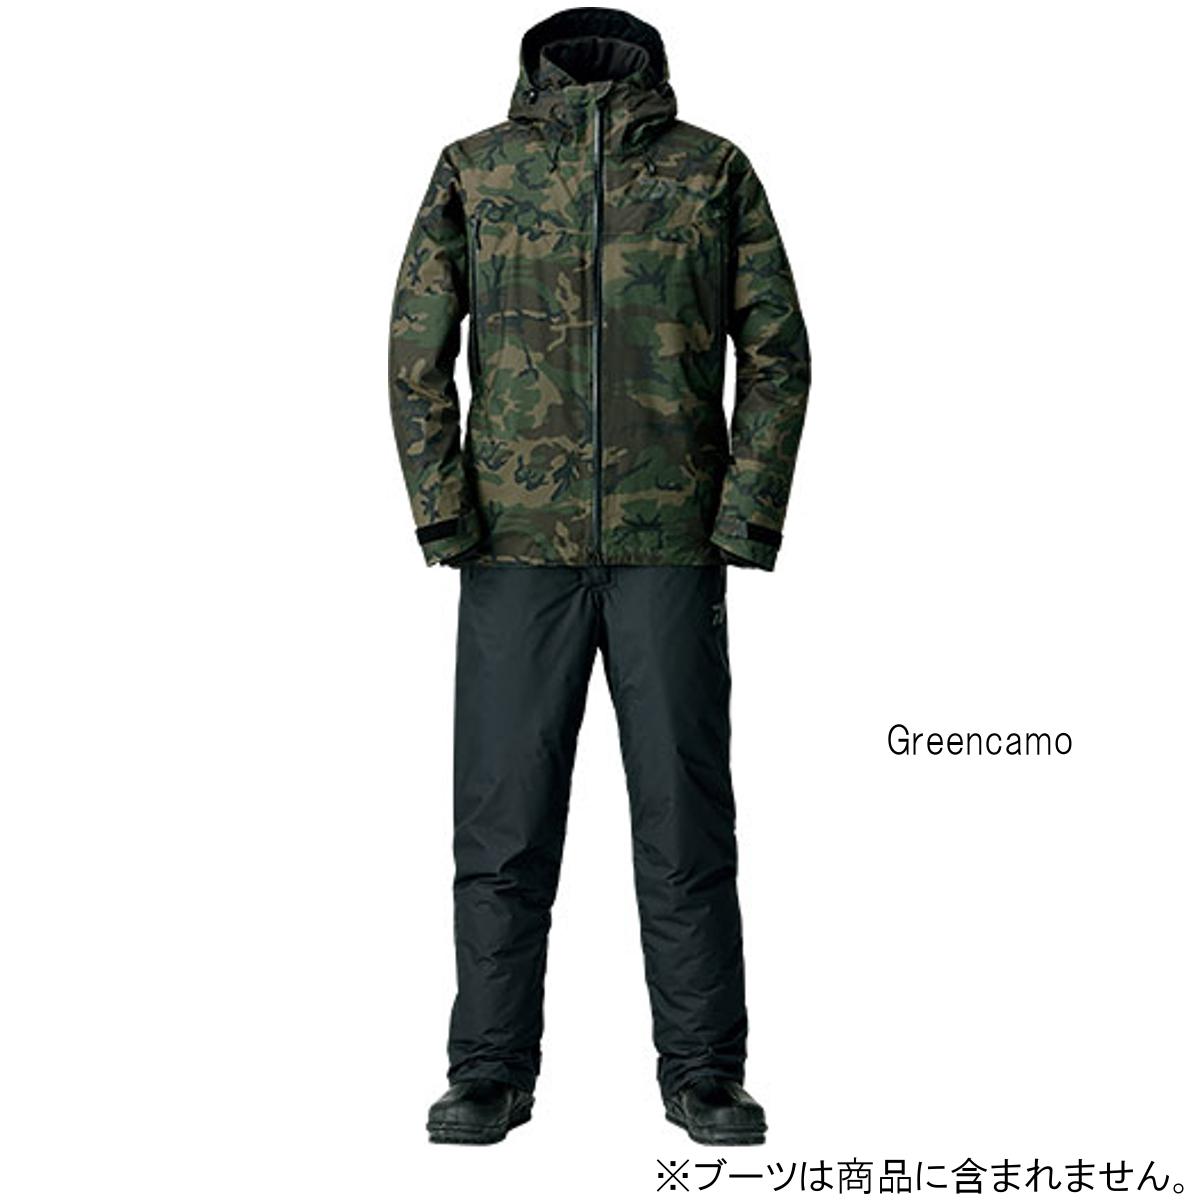 ダイワ レインマックス ウィンタースーツ DW-3108 XL Greencamo